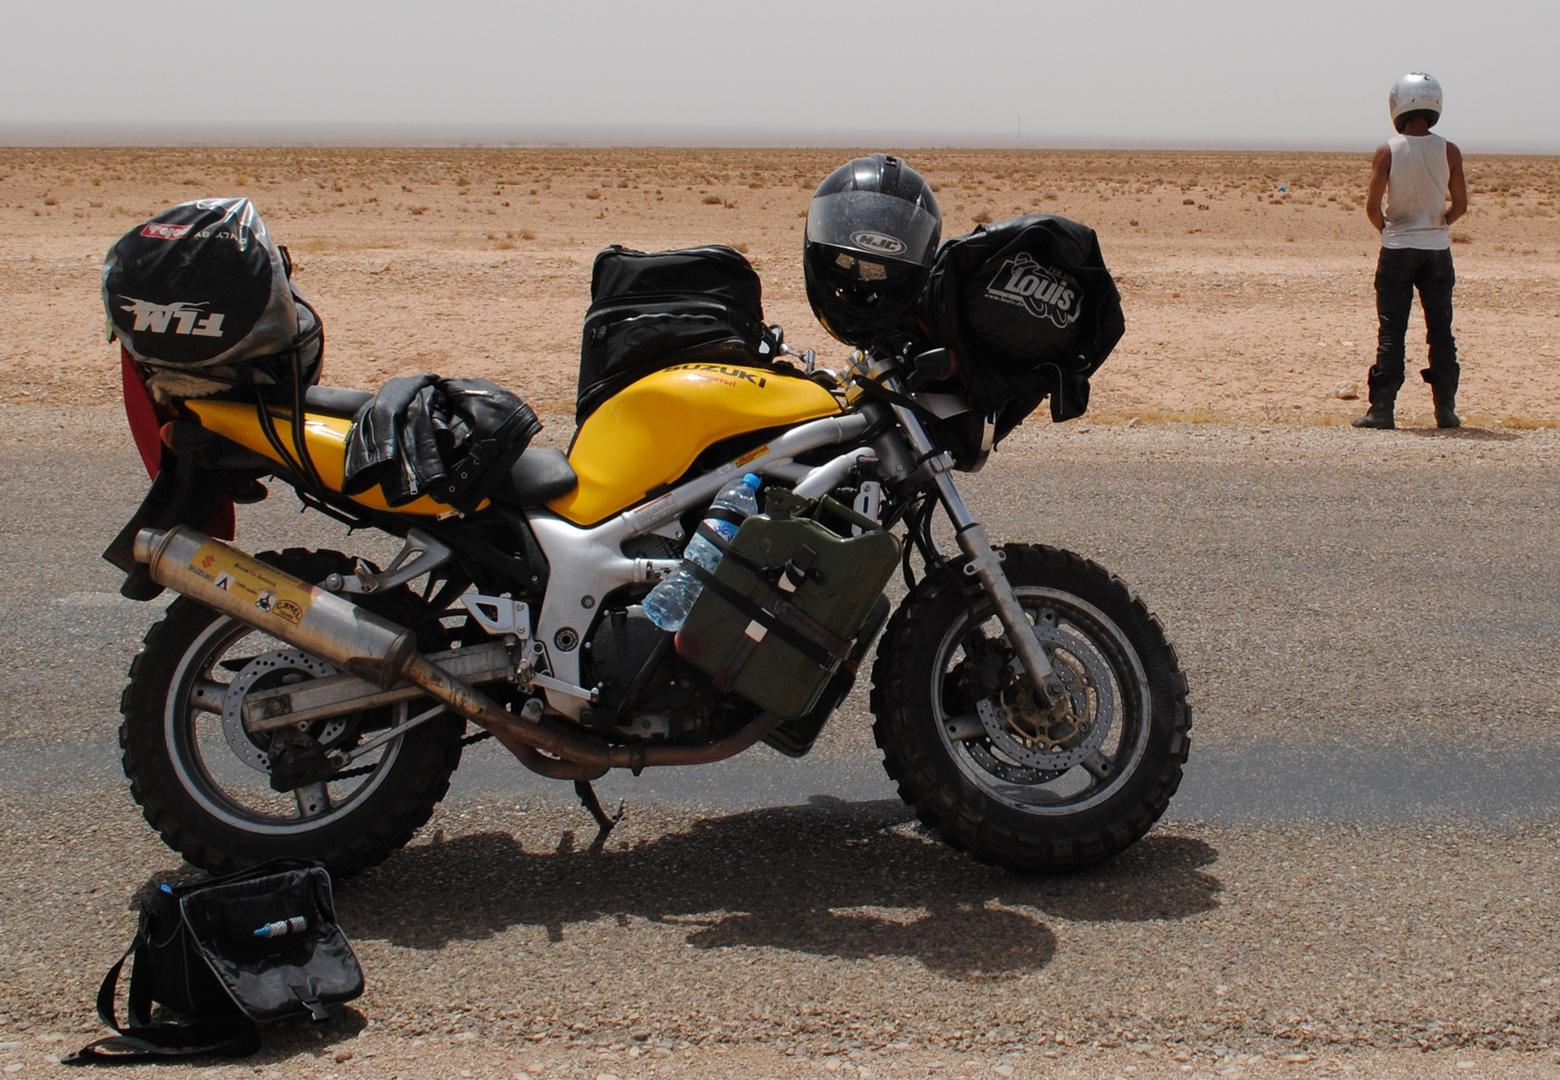 Ziel erreicht! Mit 18 Jahren zu zweit auf einer gedrosselten Suzuki SV 650 in die Sahara